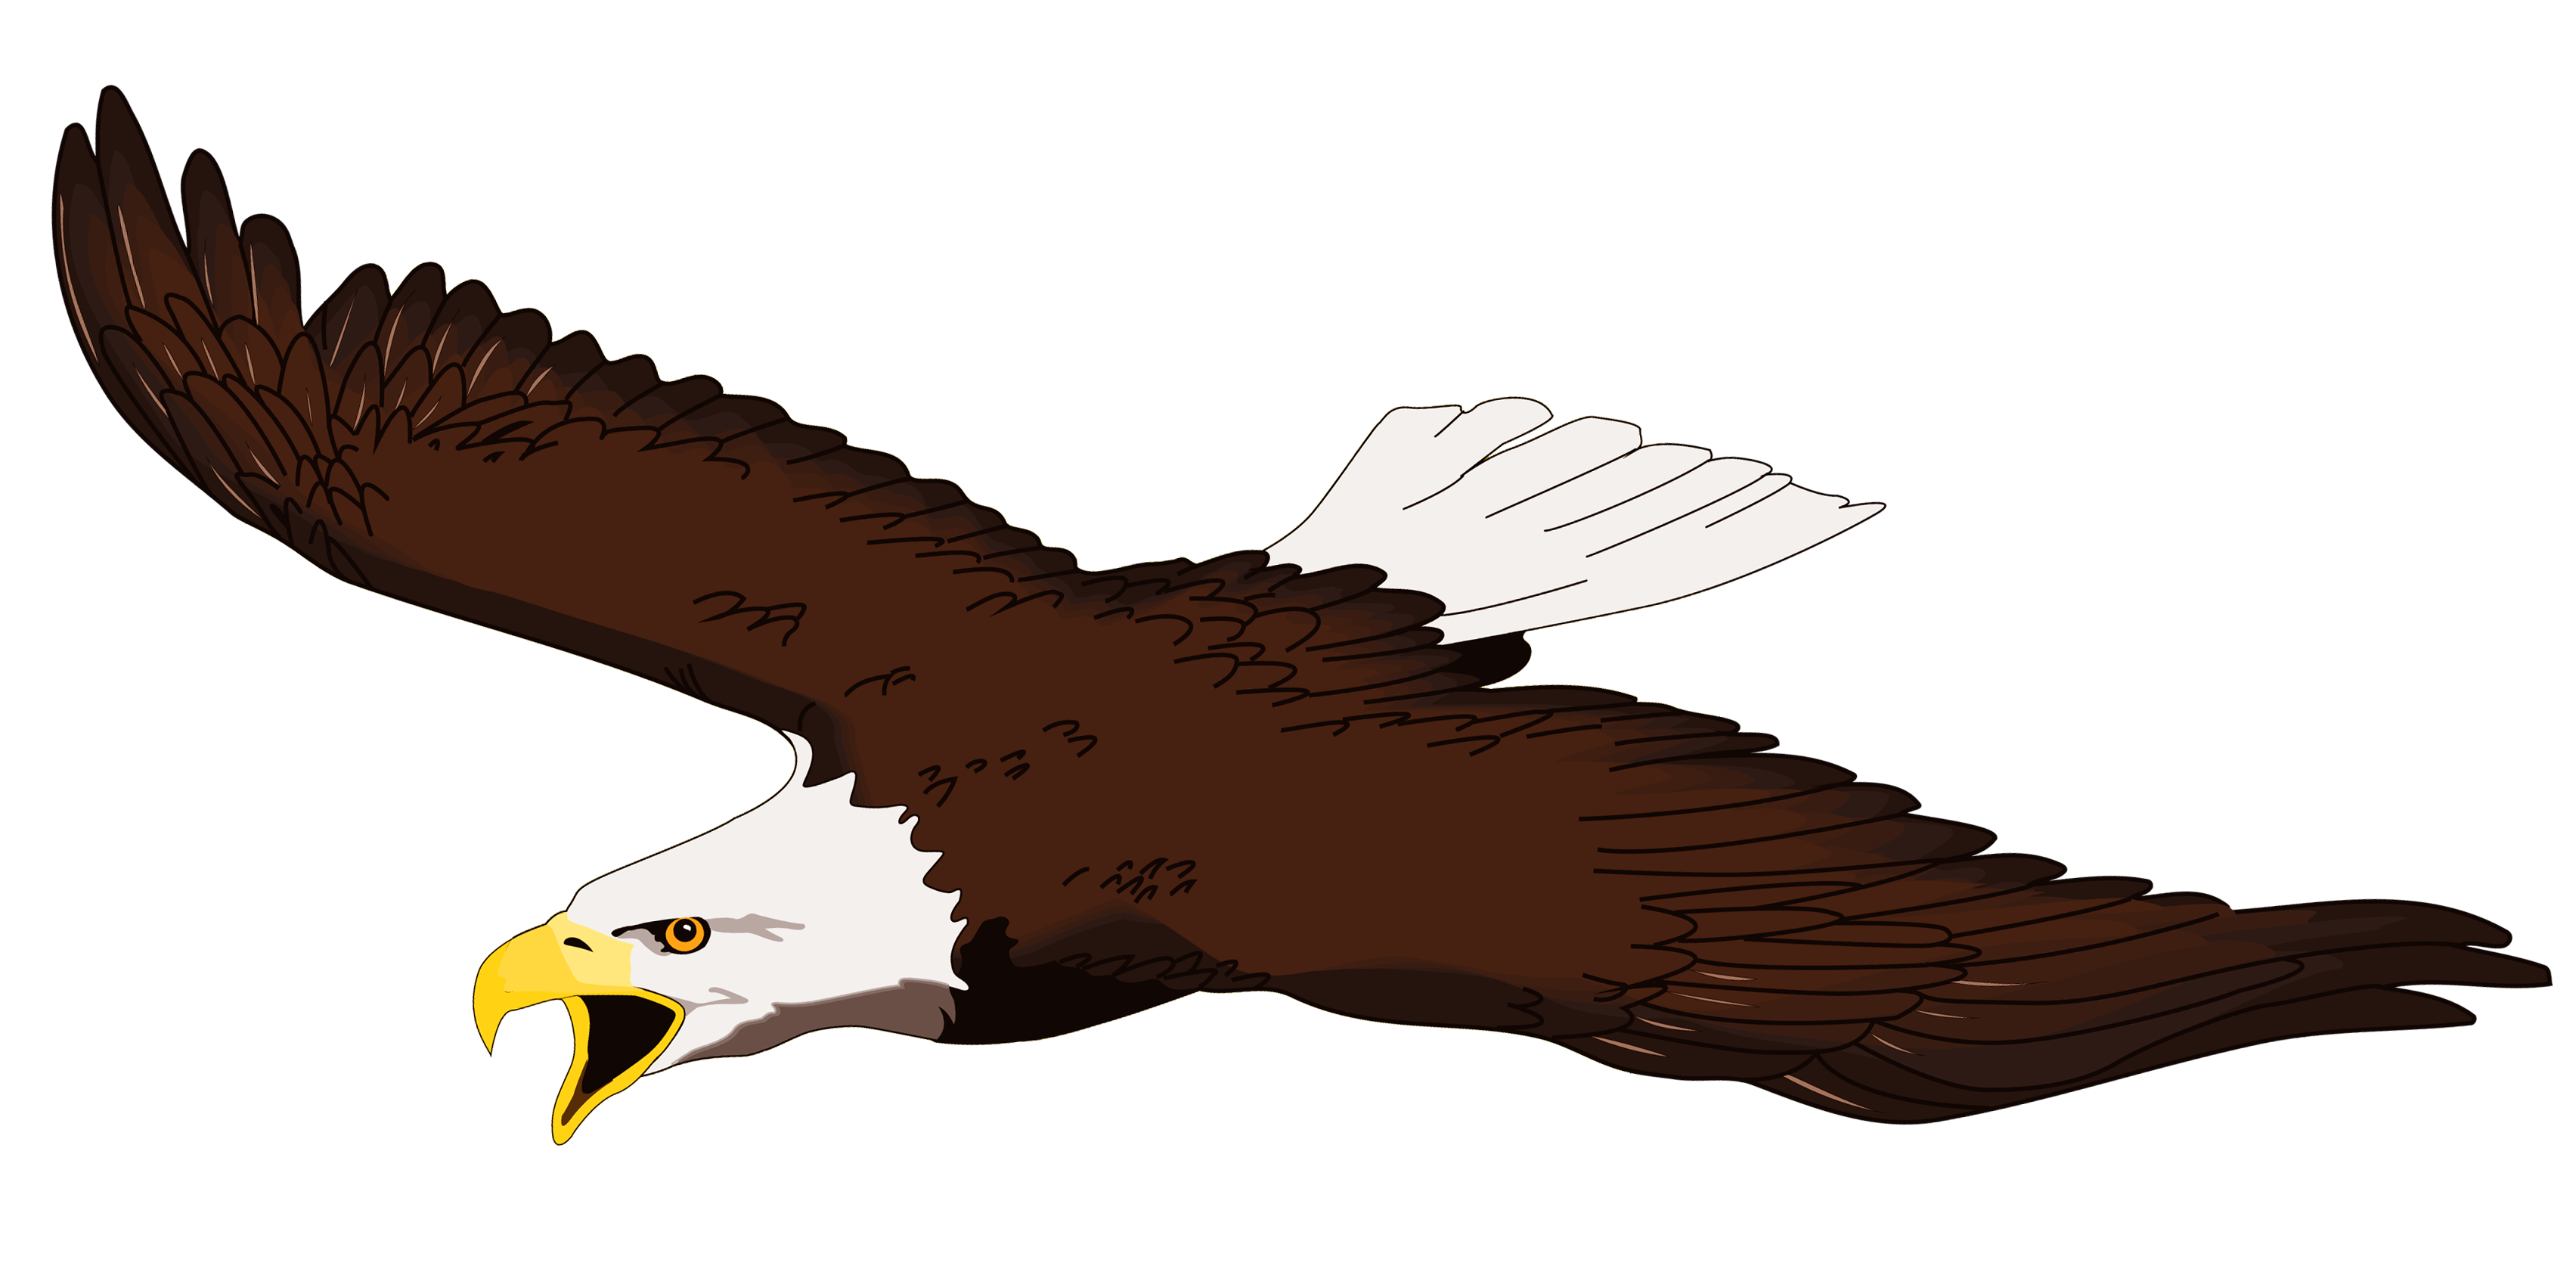 3407x1678 White Tailed Eagle Clipart Soaring Eagle